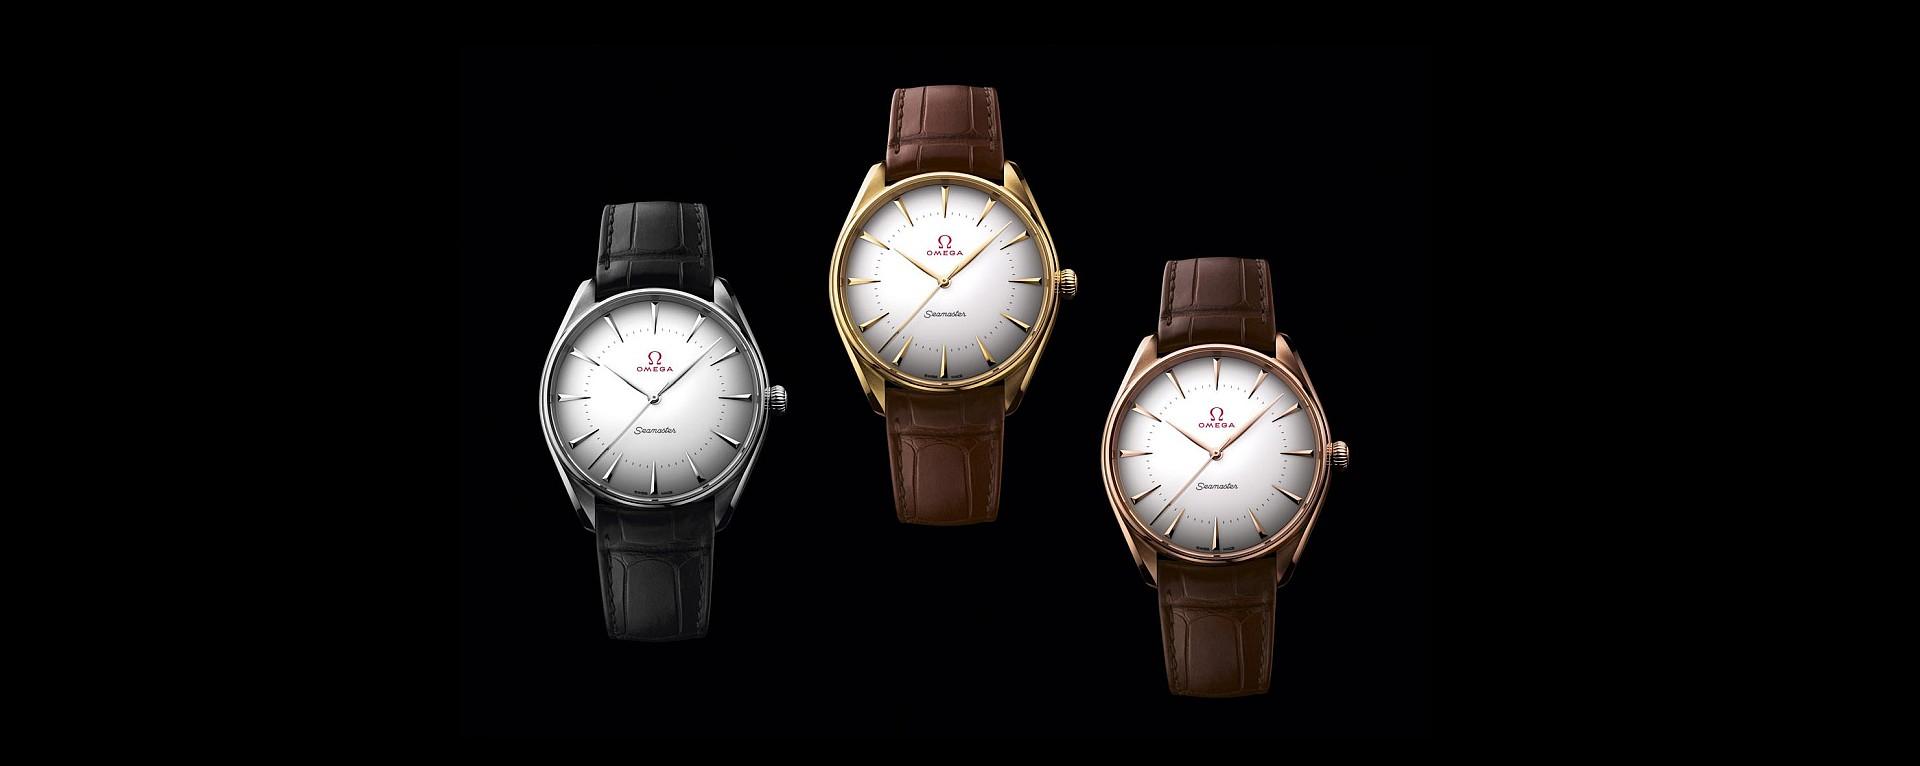 2018平昌冬奧熱烈舉辦之際,歐米茄推出全新海馬系列黃金典藏奧運腕錶